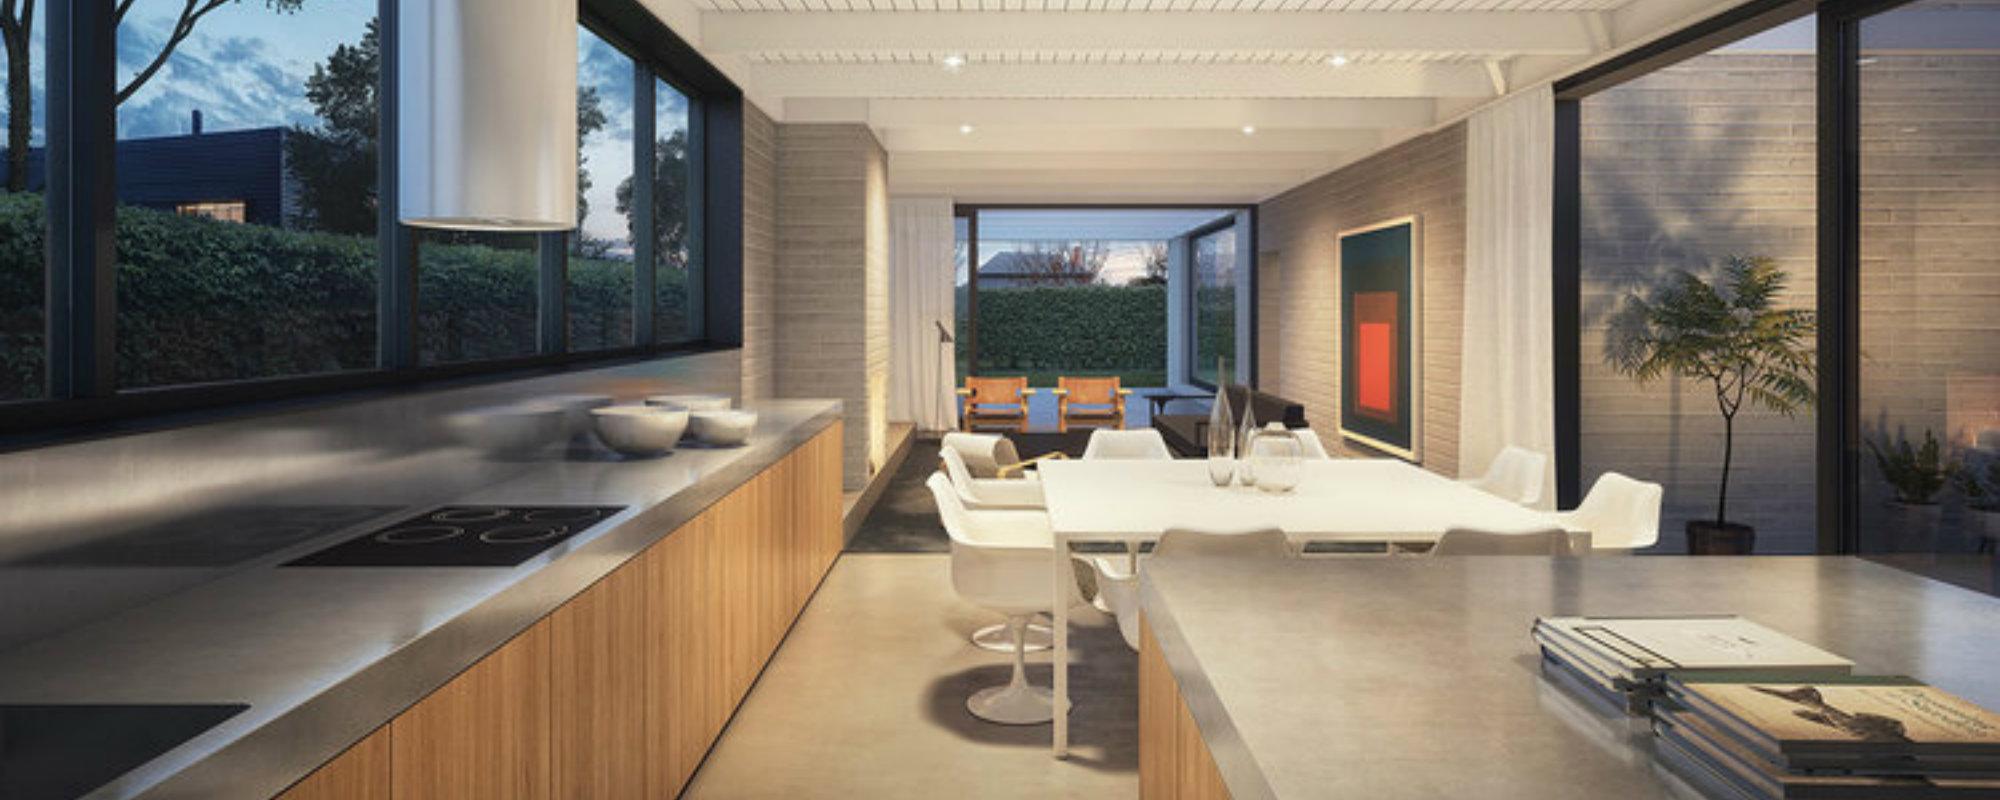 Firma de lujo: Architects INK proyectos de arquitectura y interiorismo lujo firma de lujo Firma de lujo: Architects INK proyectos de arquitectura y interiorismo Featured 7